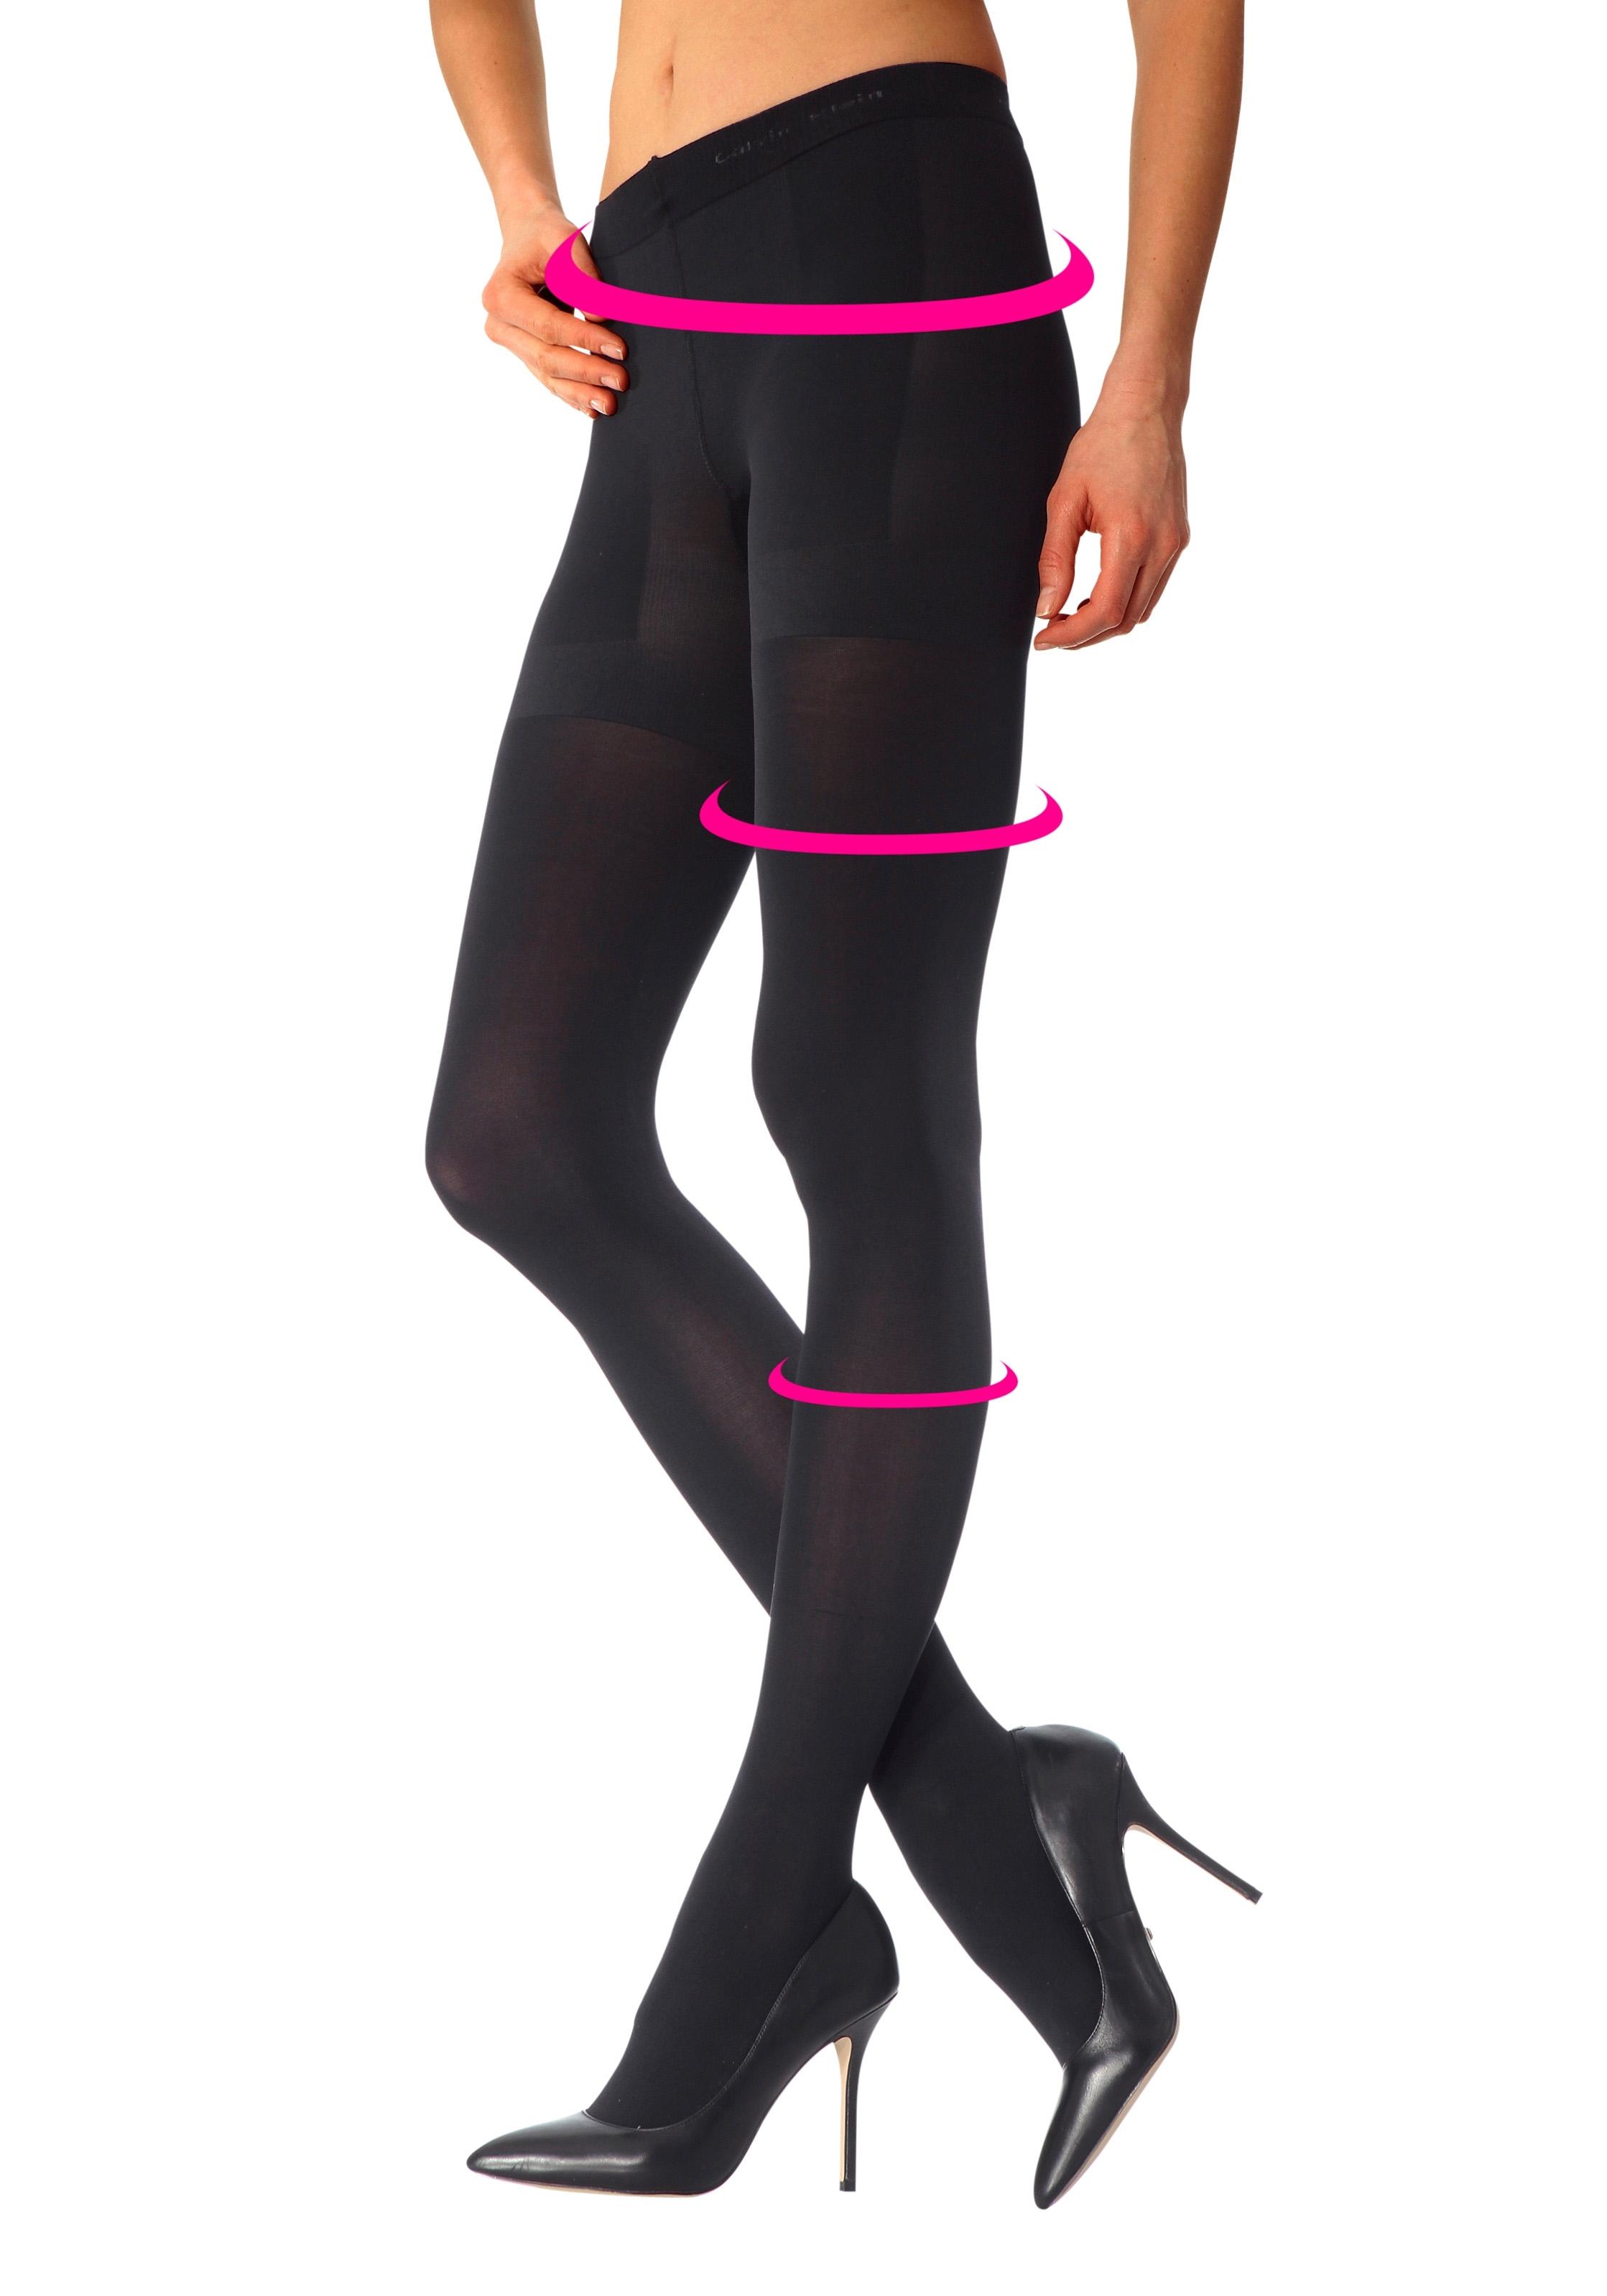 Op zoek naar een Calvin Klein Modellerende panty? Koop online bij Lascana